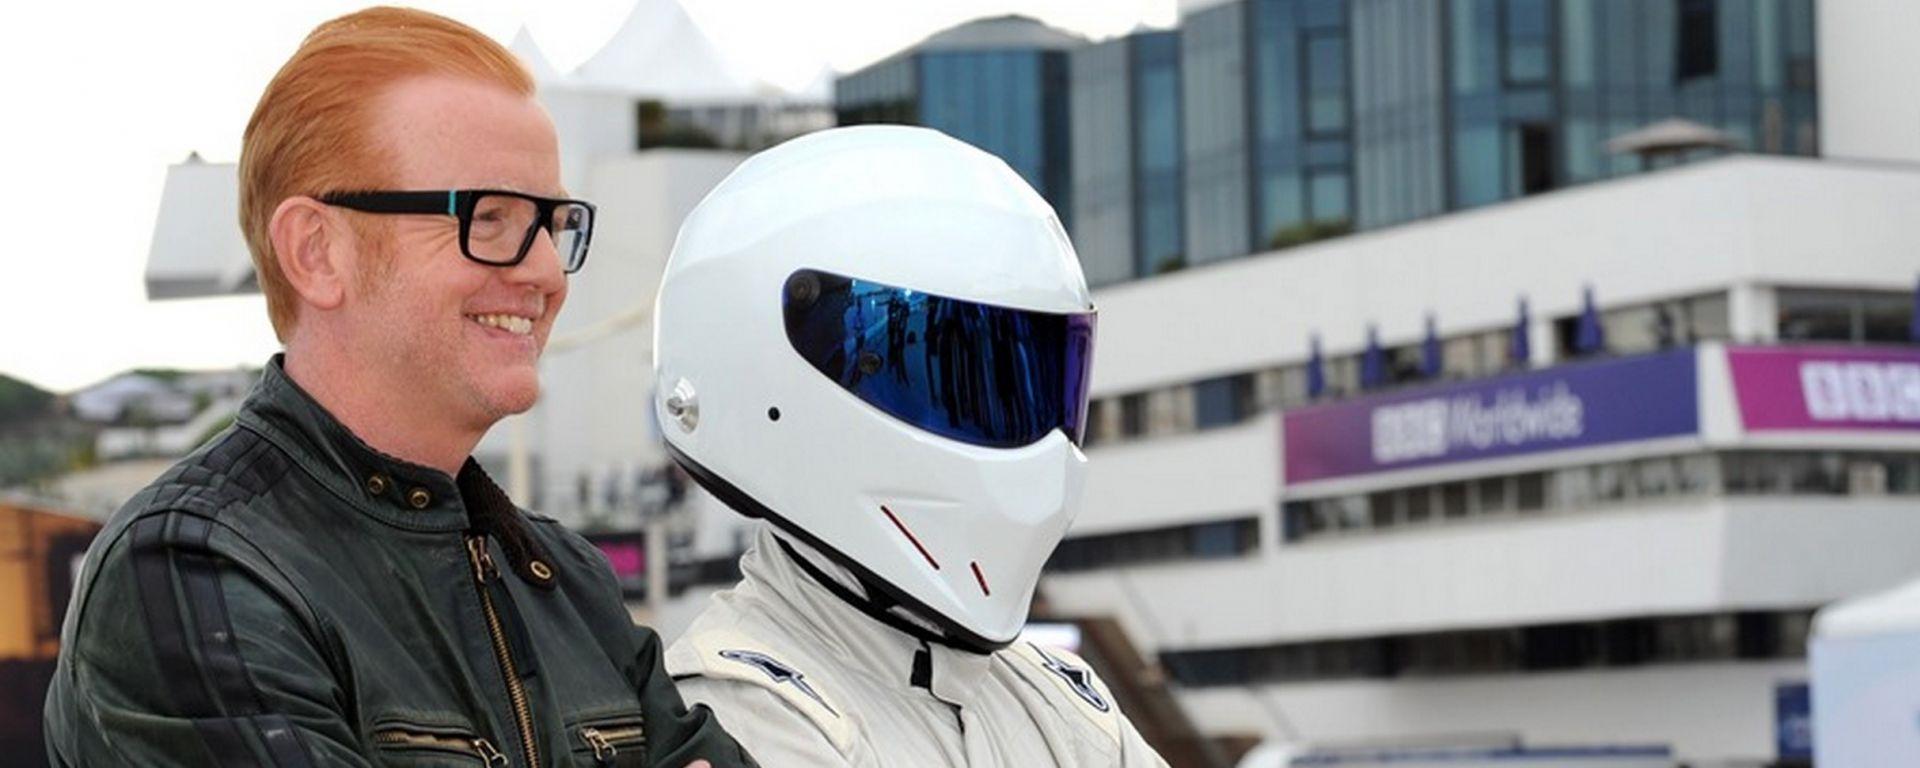 Top Gear ha un nuovo presentatore: Chris Evans